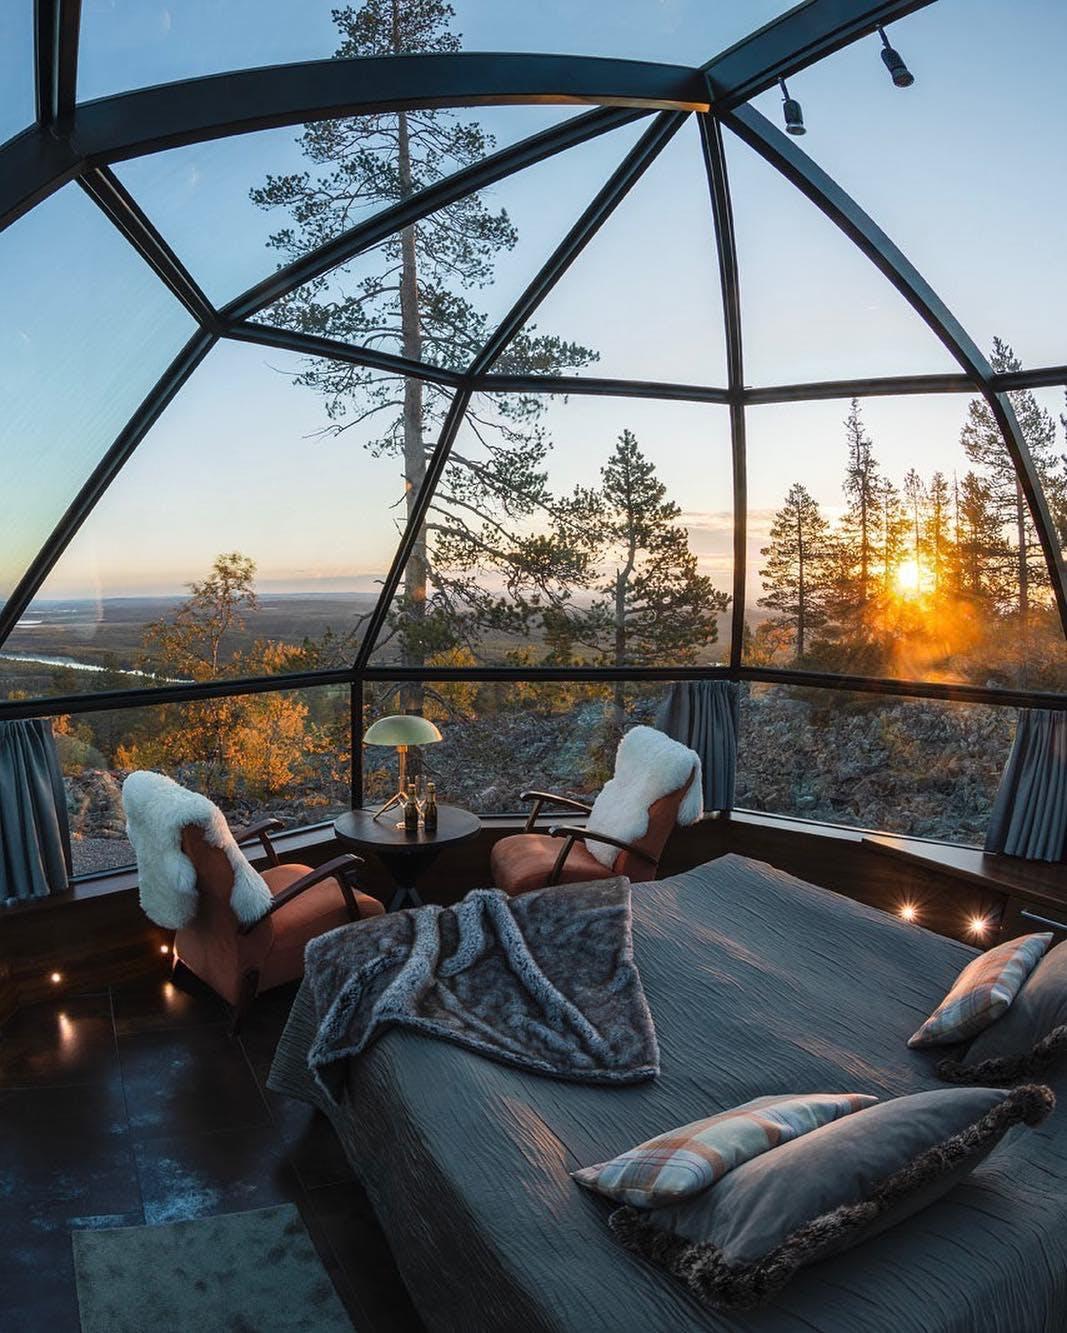 Hotel værelse luksus iglo